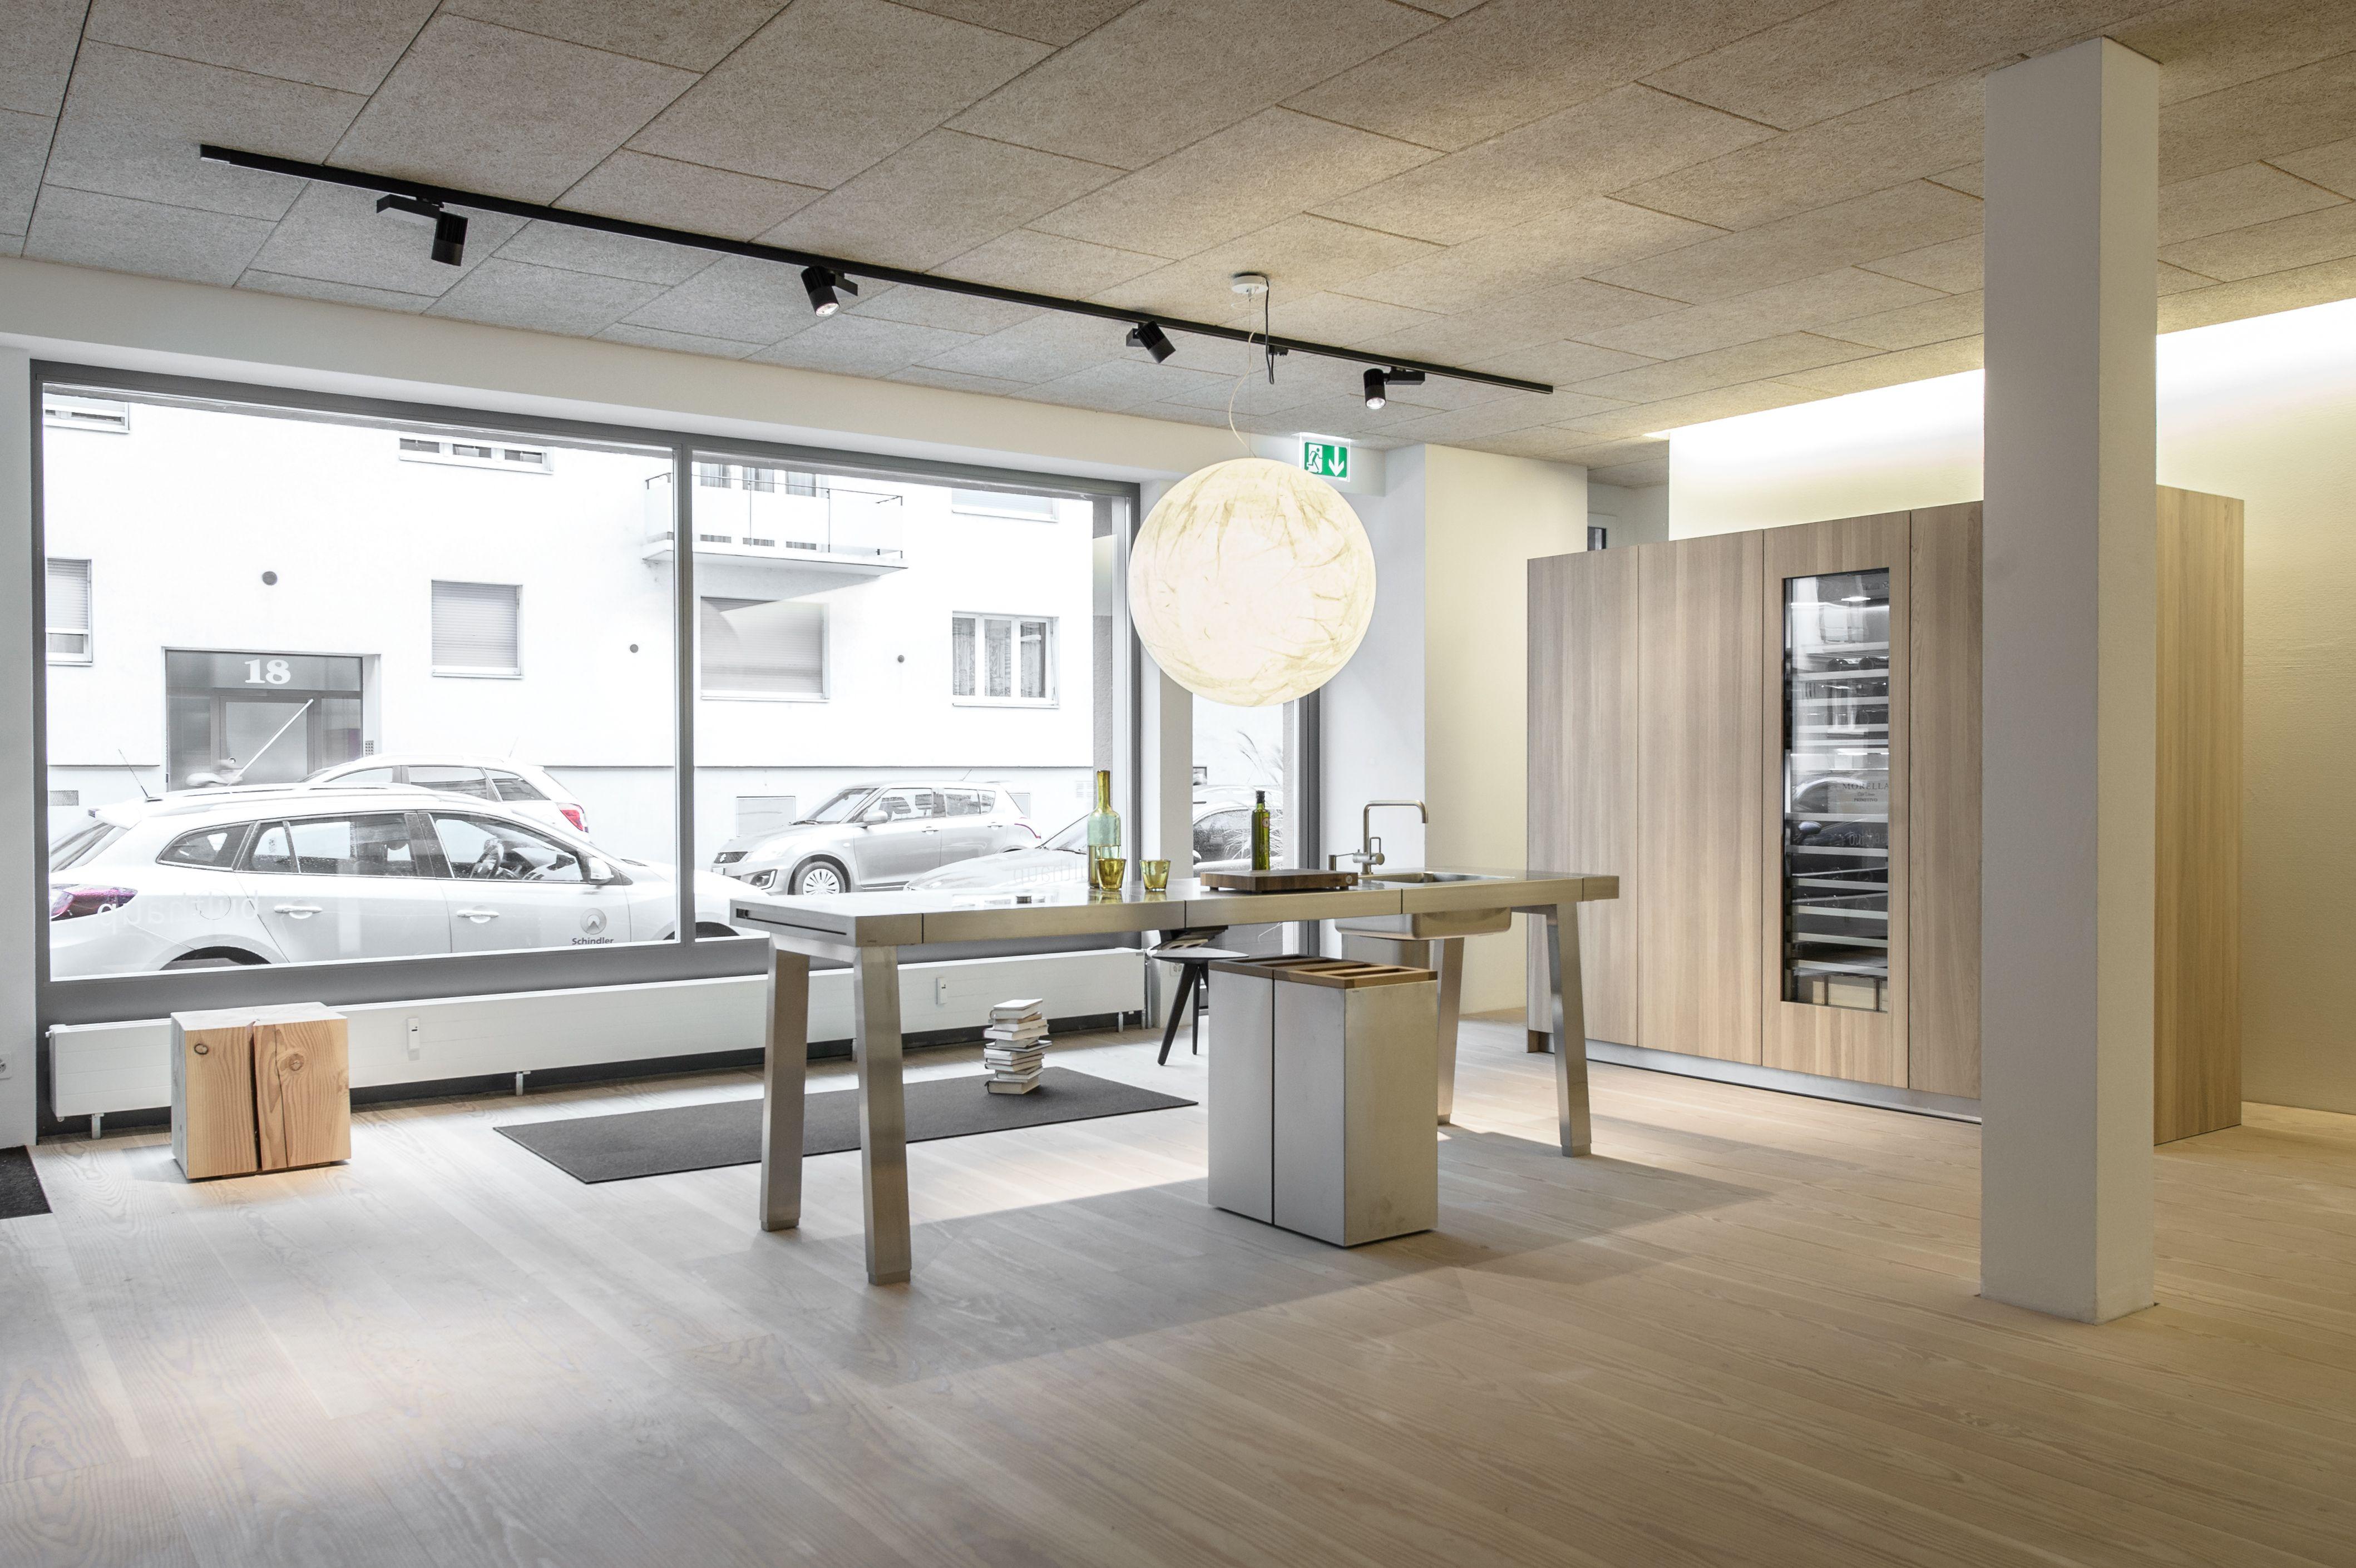 Innenarchitektur Basel a04 ch showroom basel bulthaup a04 showroom basel a04 ch